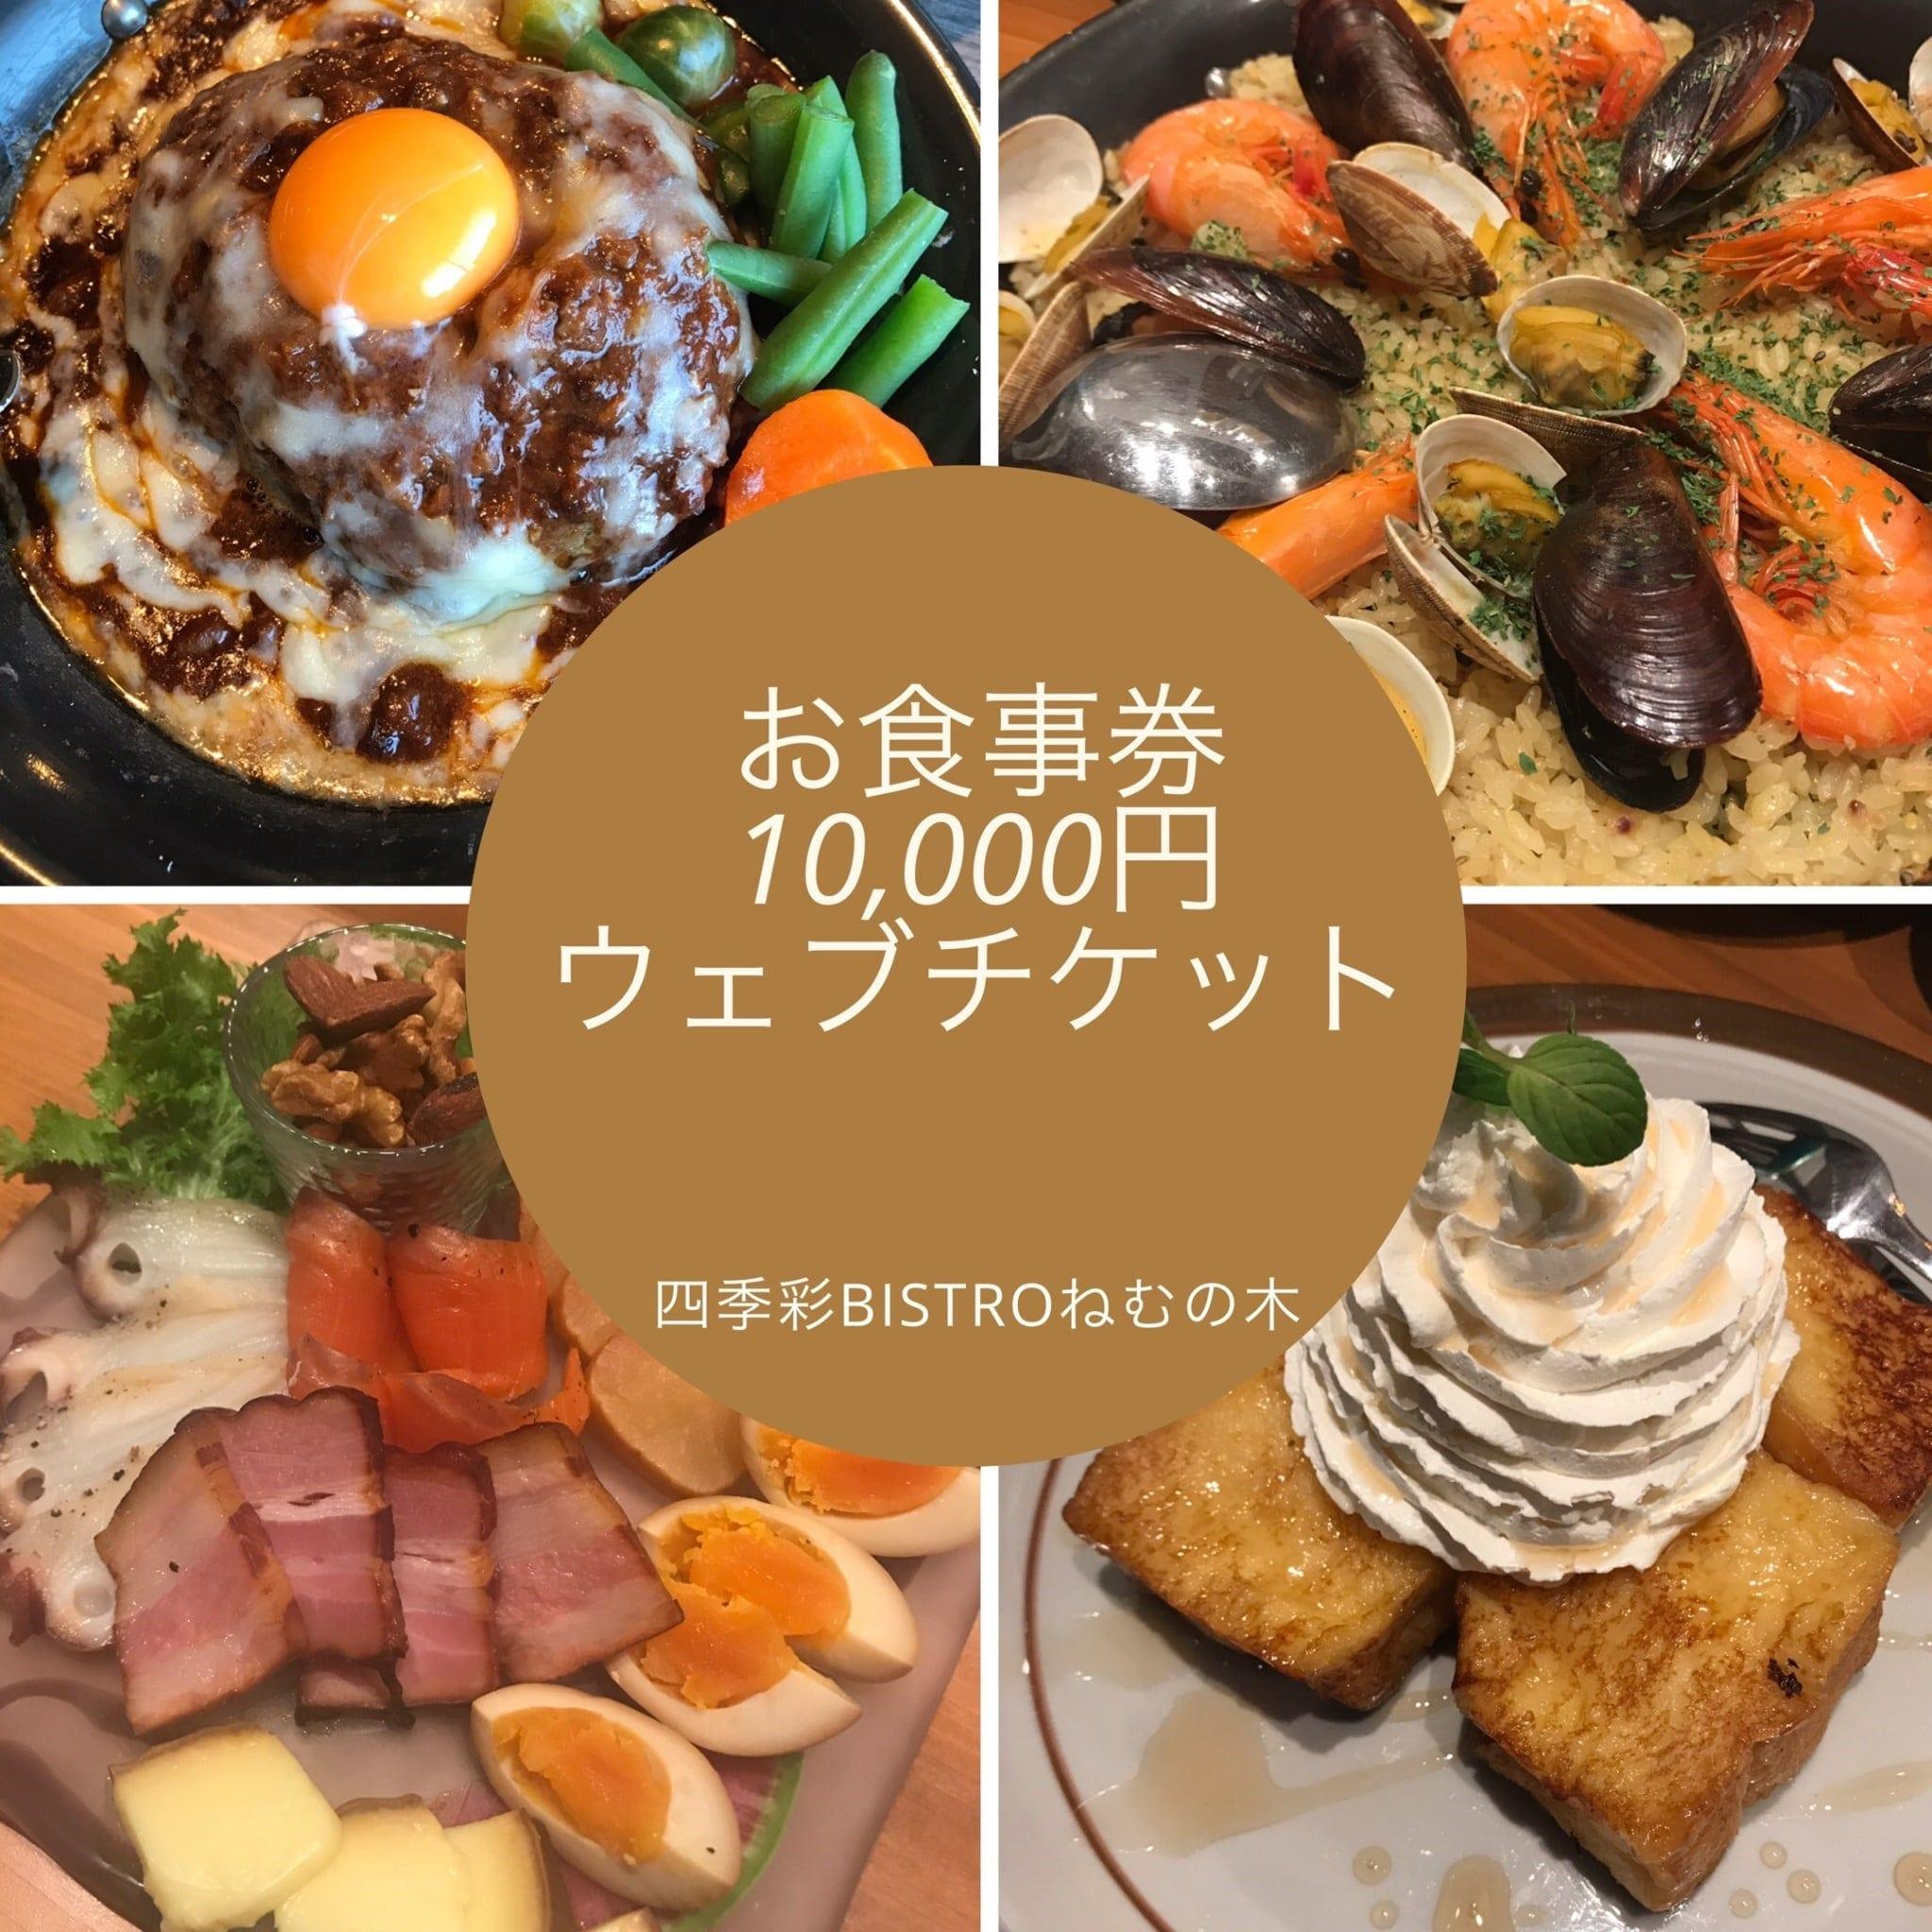 【四季彩BISTRO ねむの木】ディナー限定 お食事券10000円ウェブチケットのイメージその1